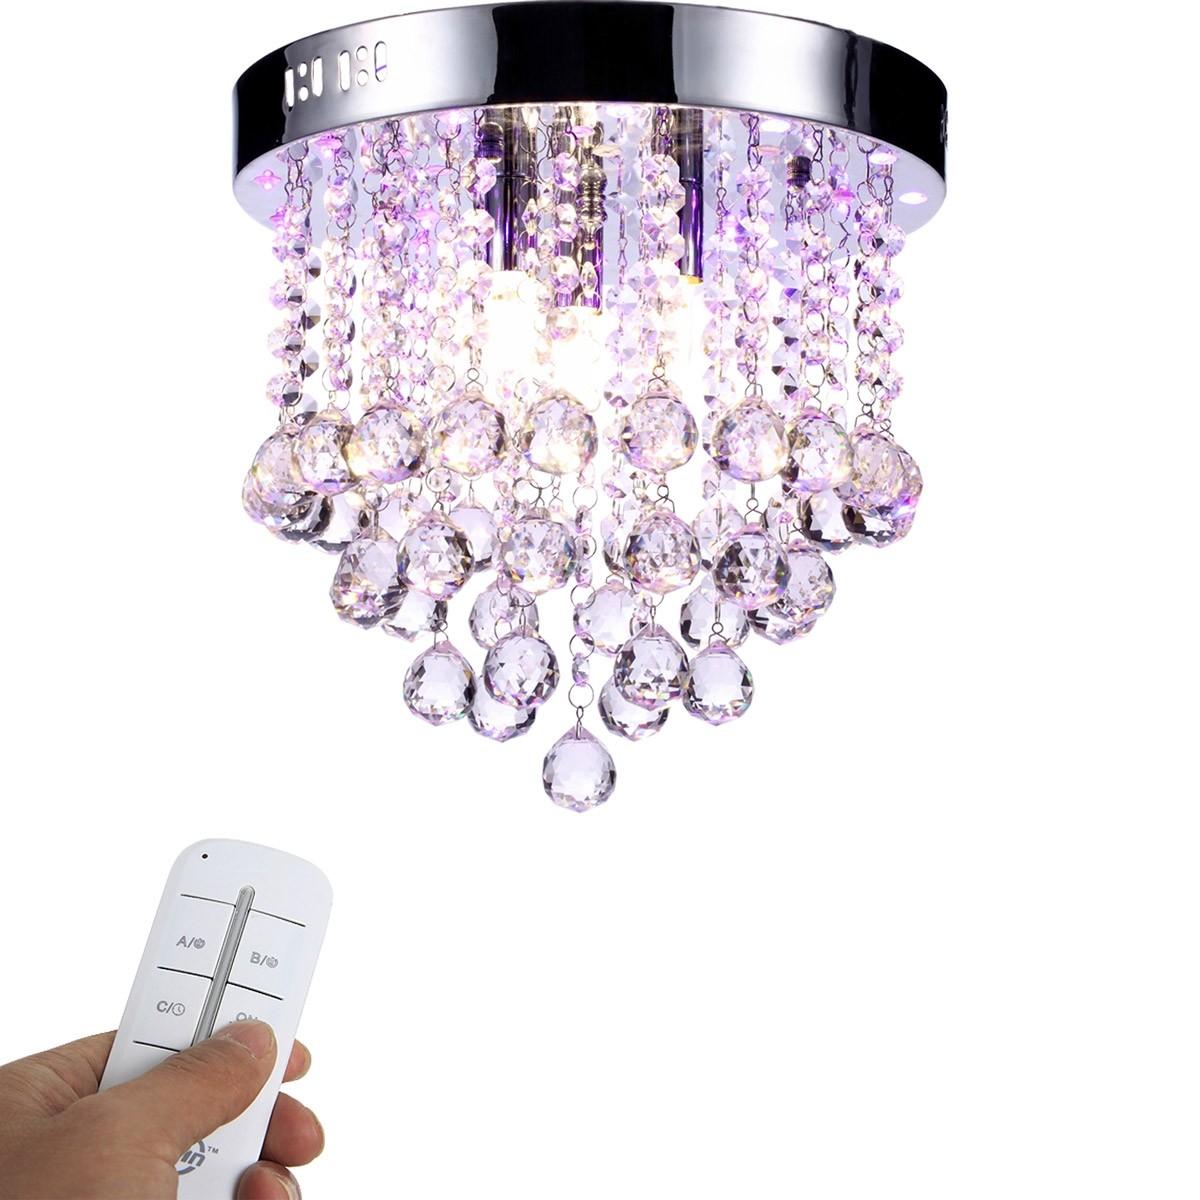 LED Kristall Deckenleuchte Kronleuchter mit RBP Licht, G9 LED Lampe ...